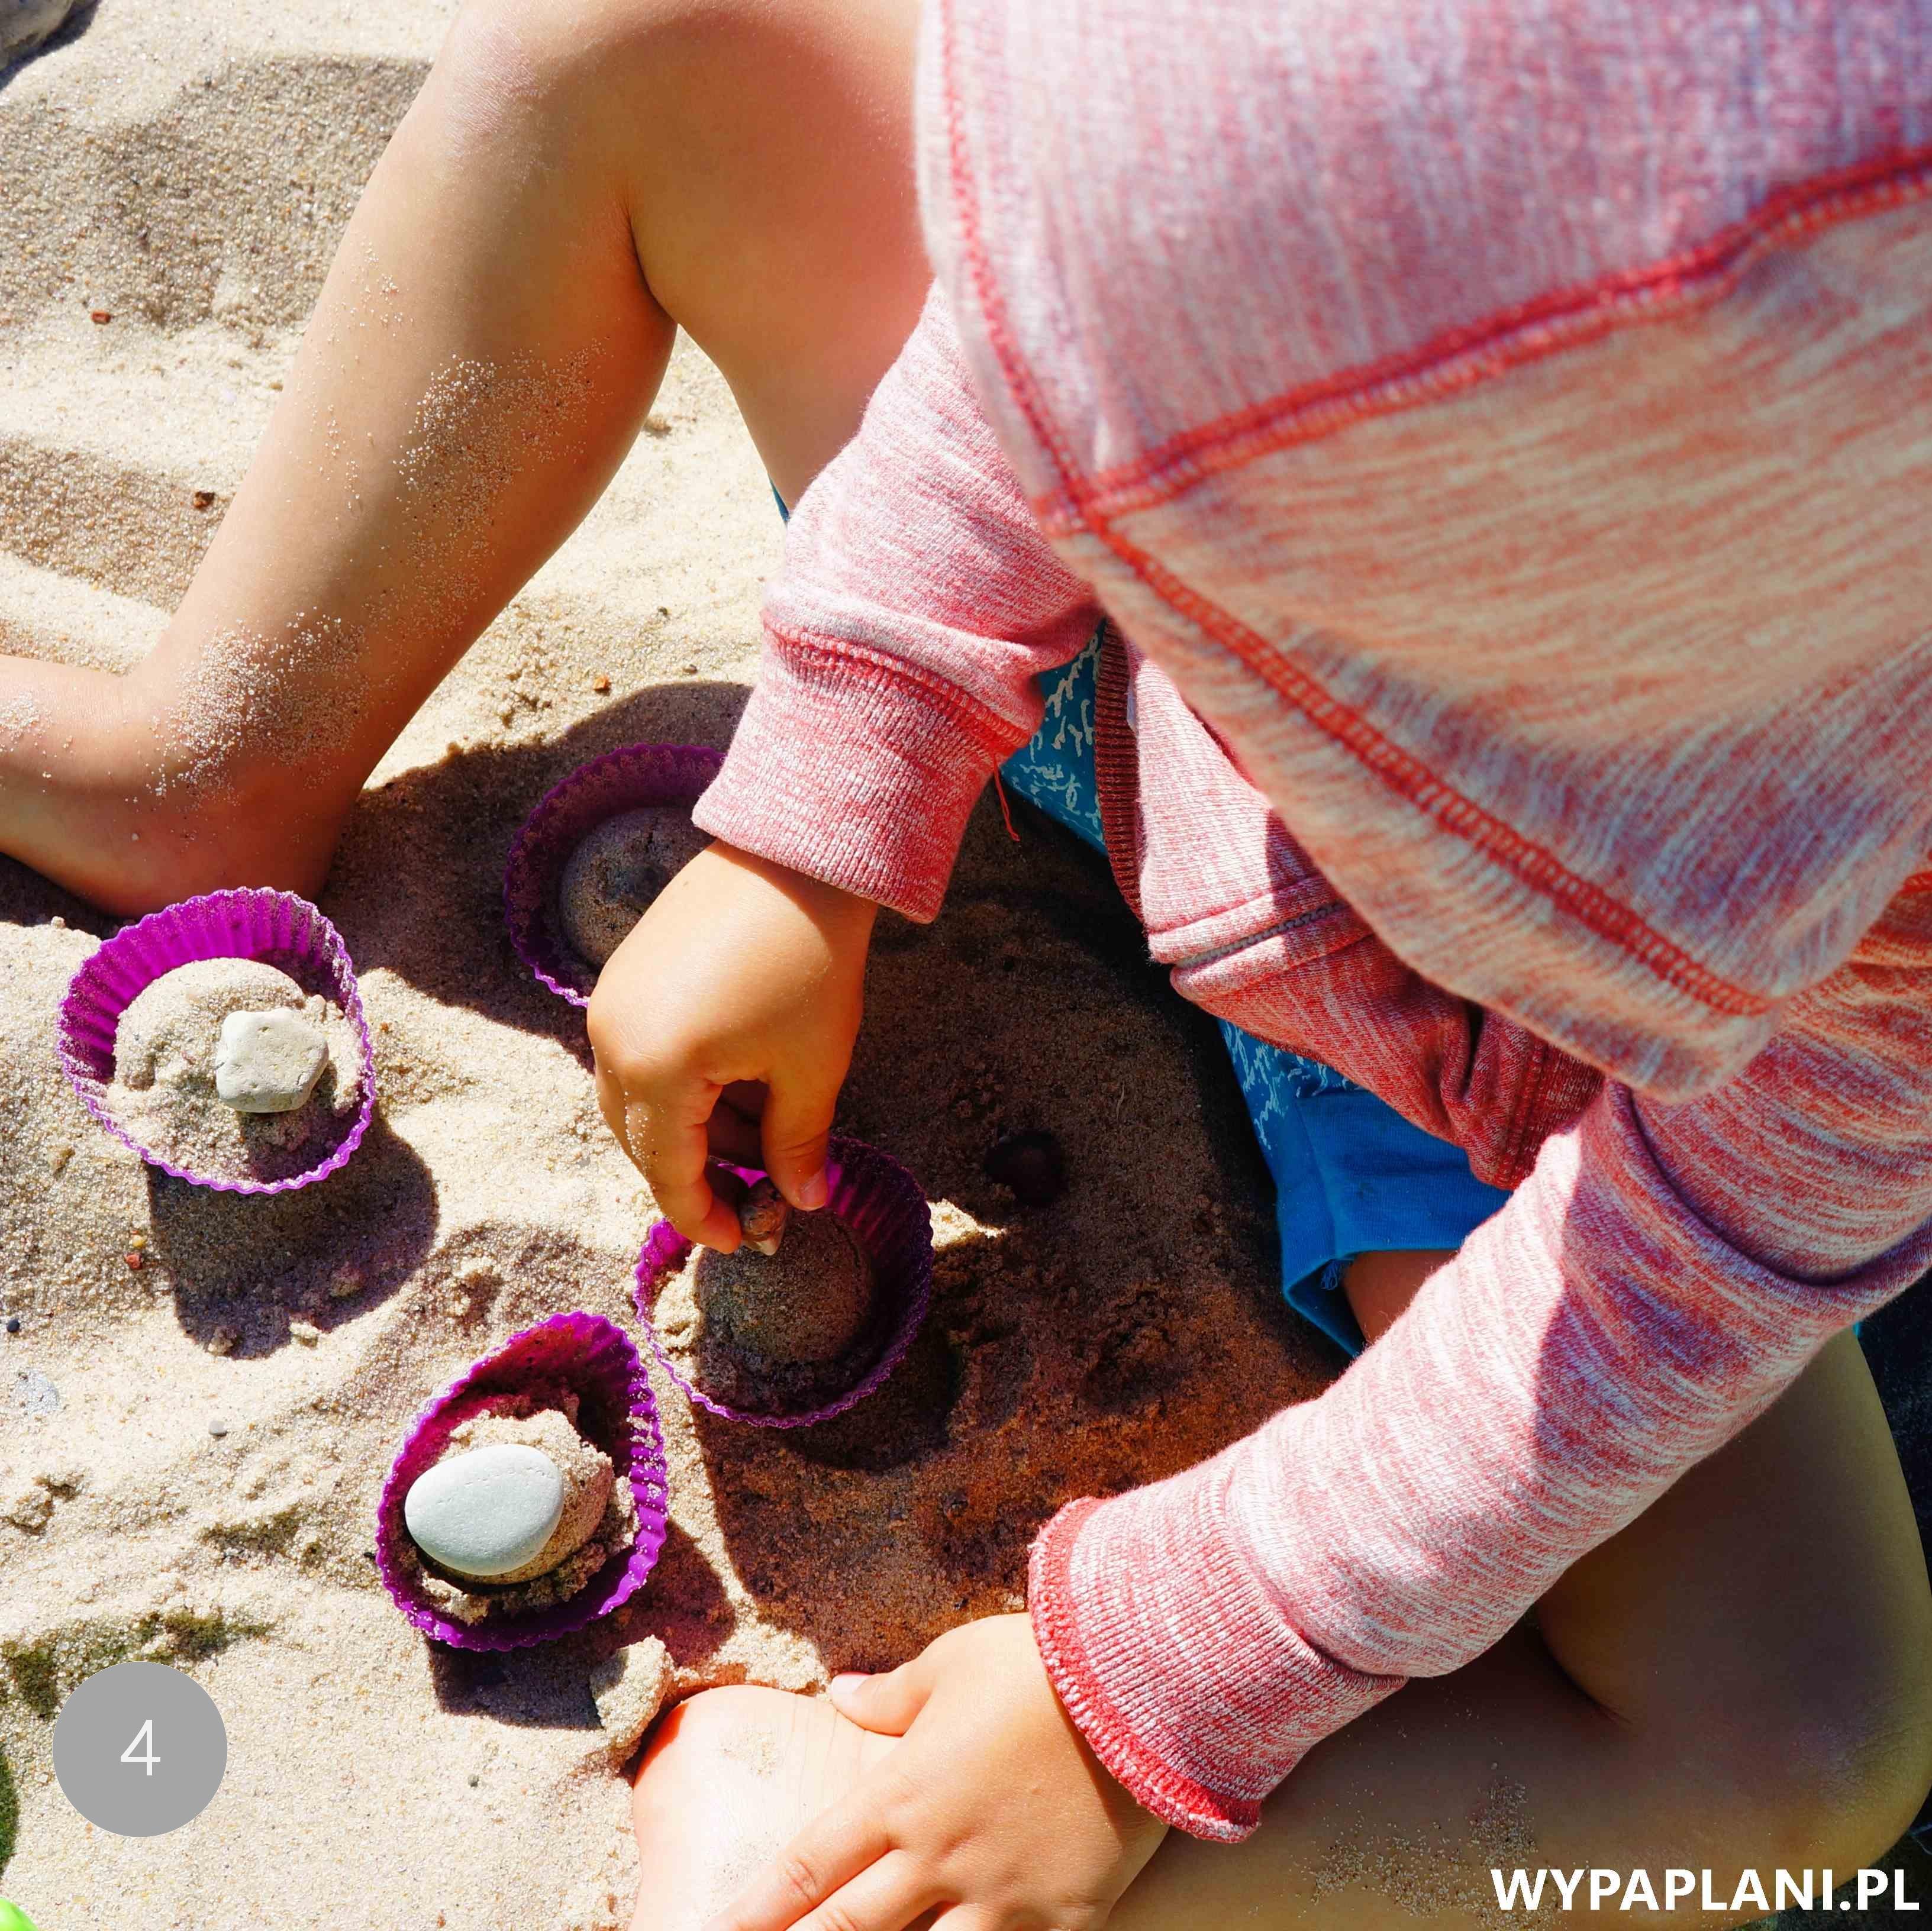 016_top zabawki do piasku piaskownicy na plażę